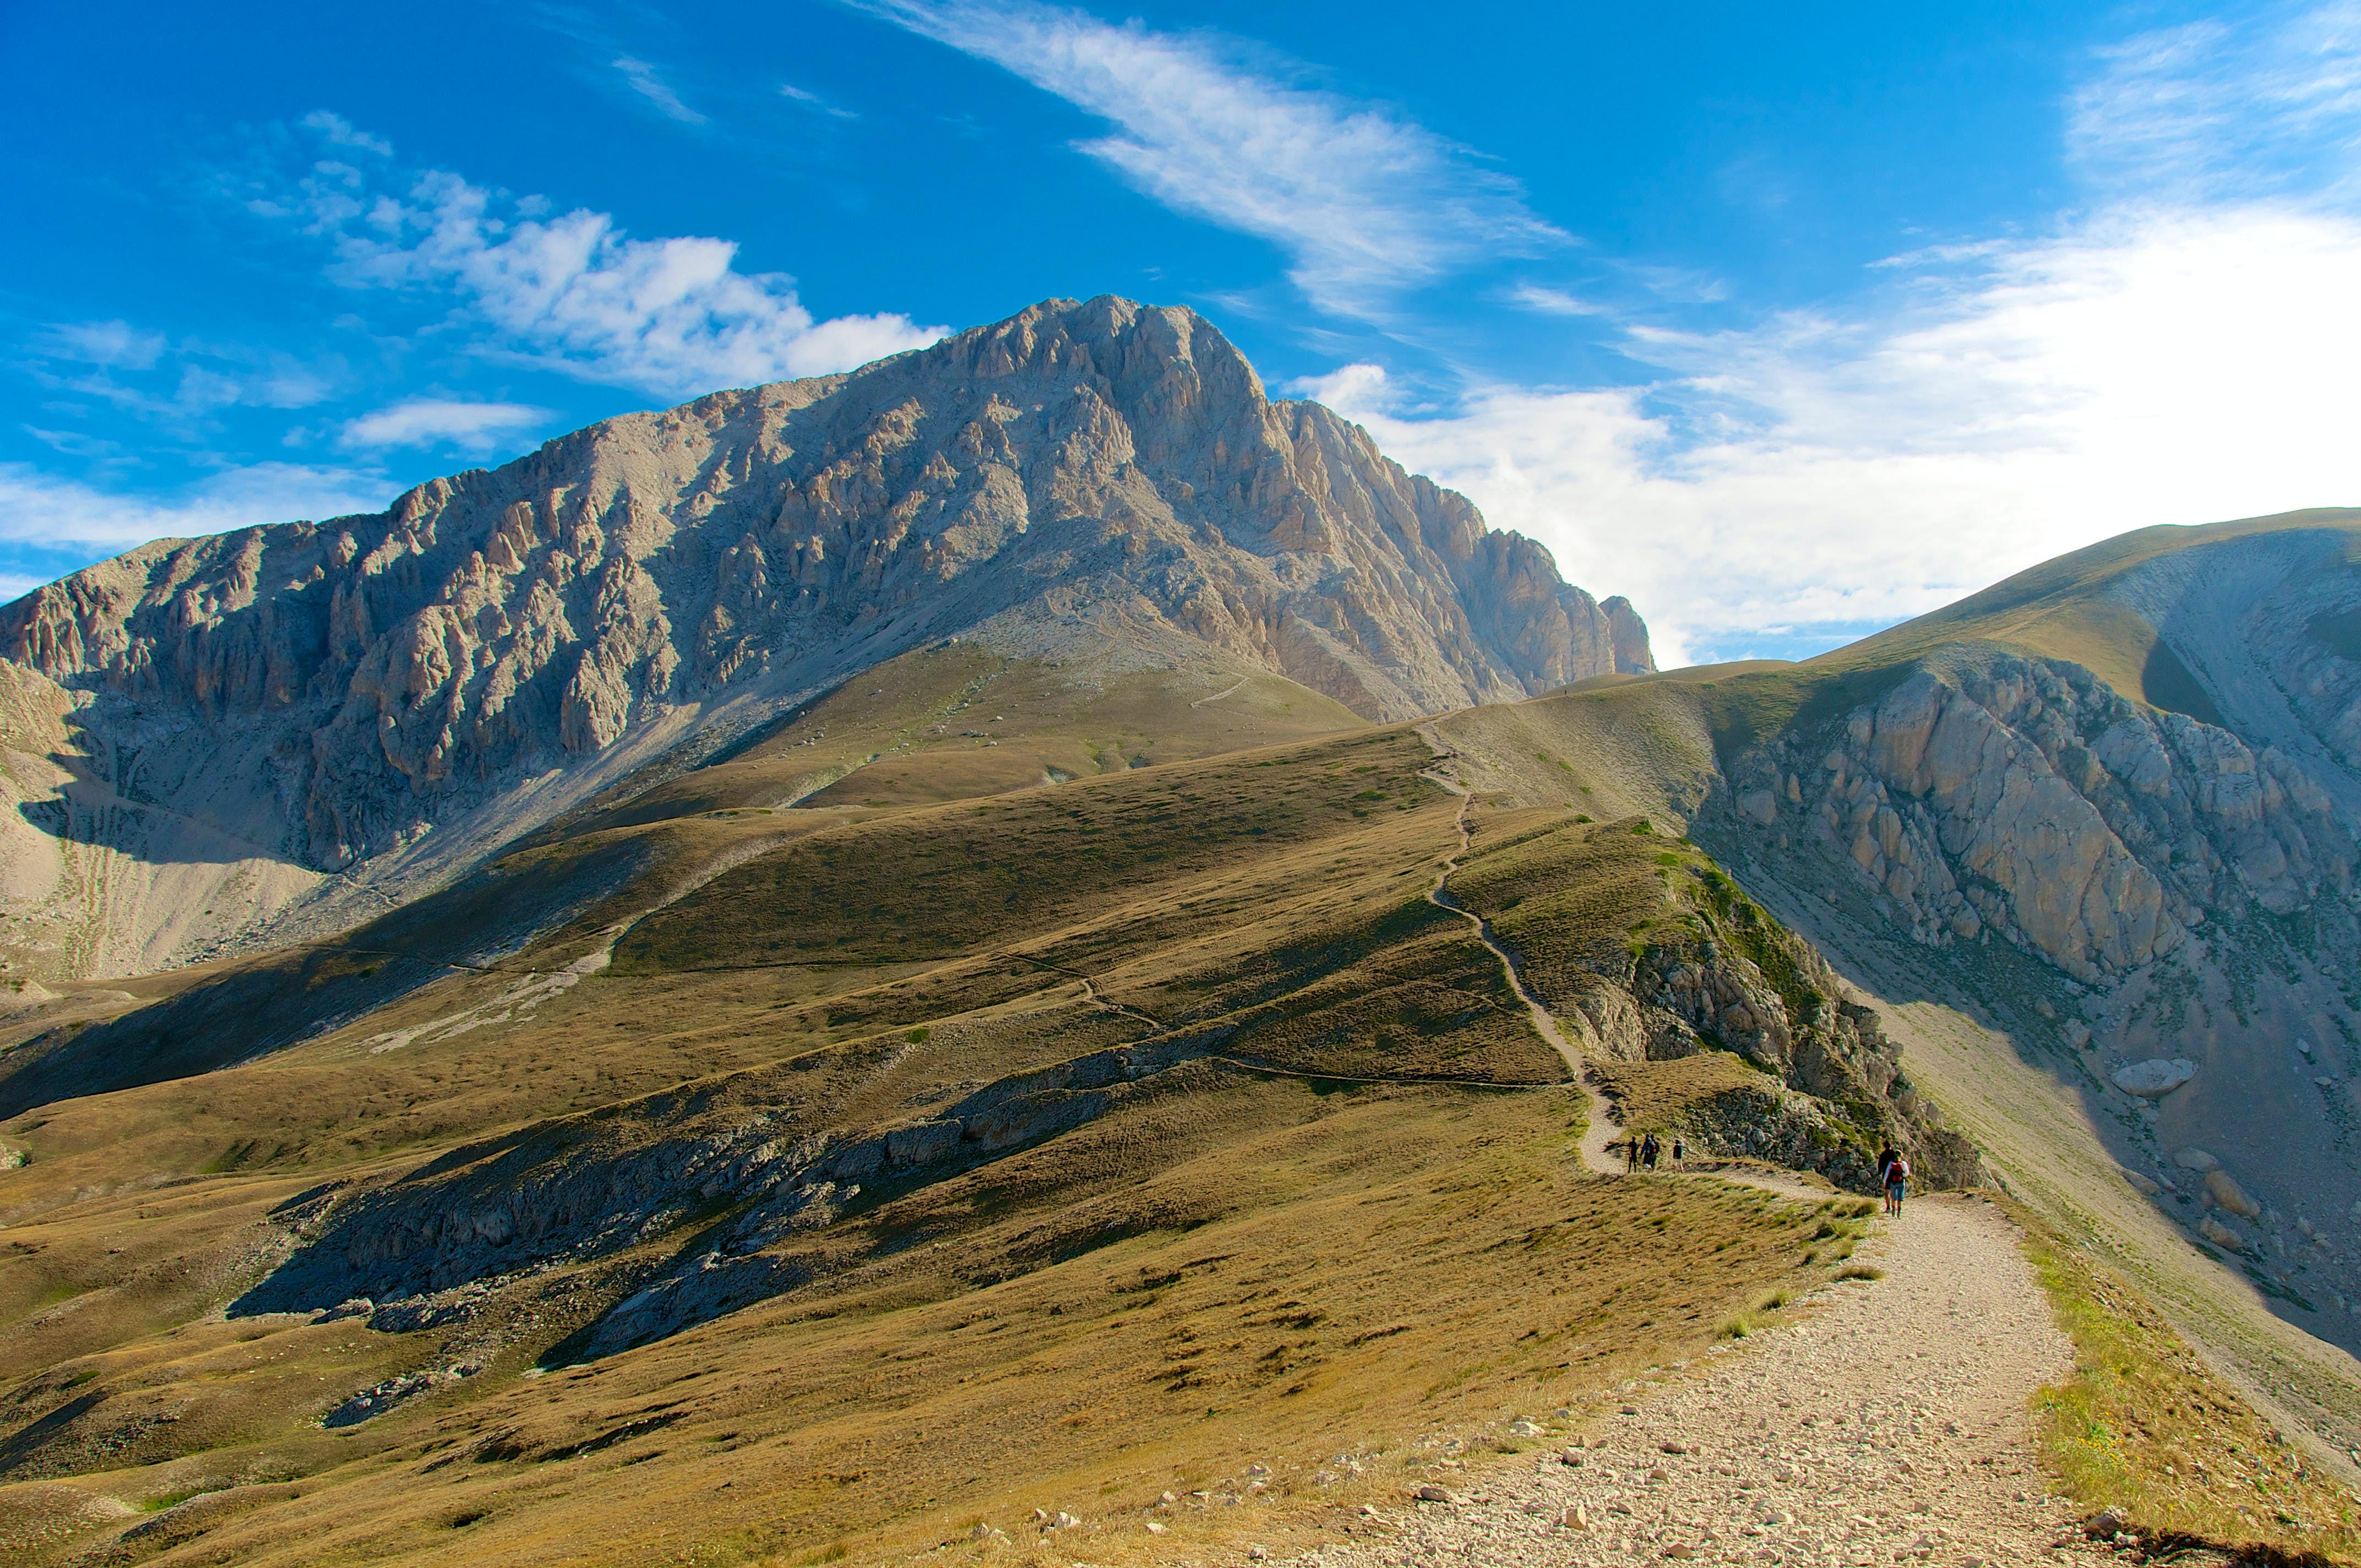 Uma trilha nas montanhas em Abruzzo